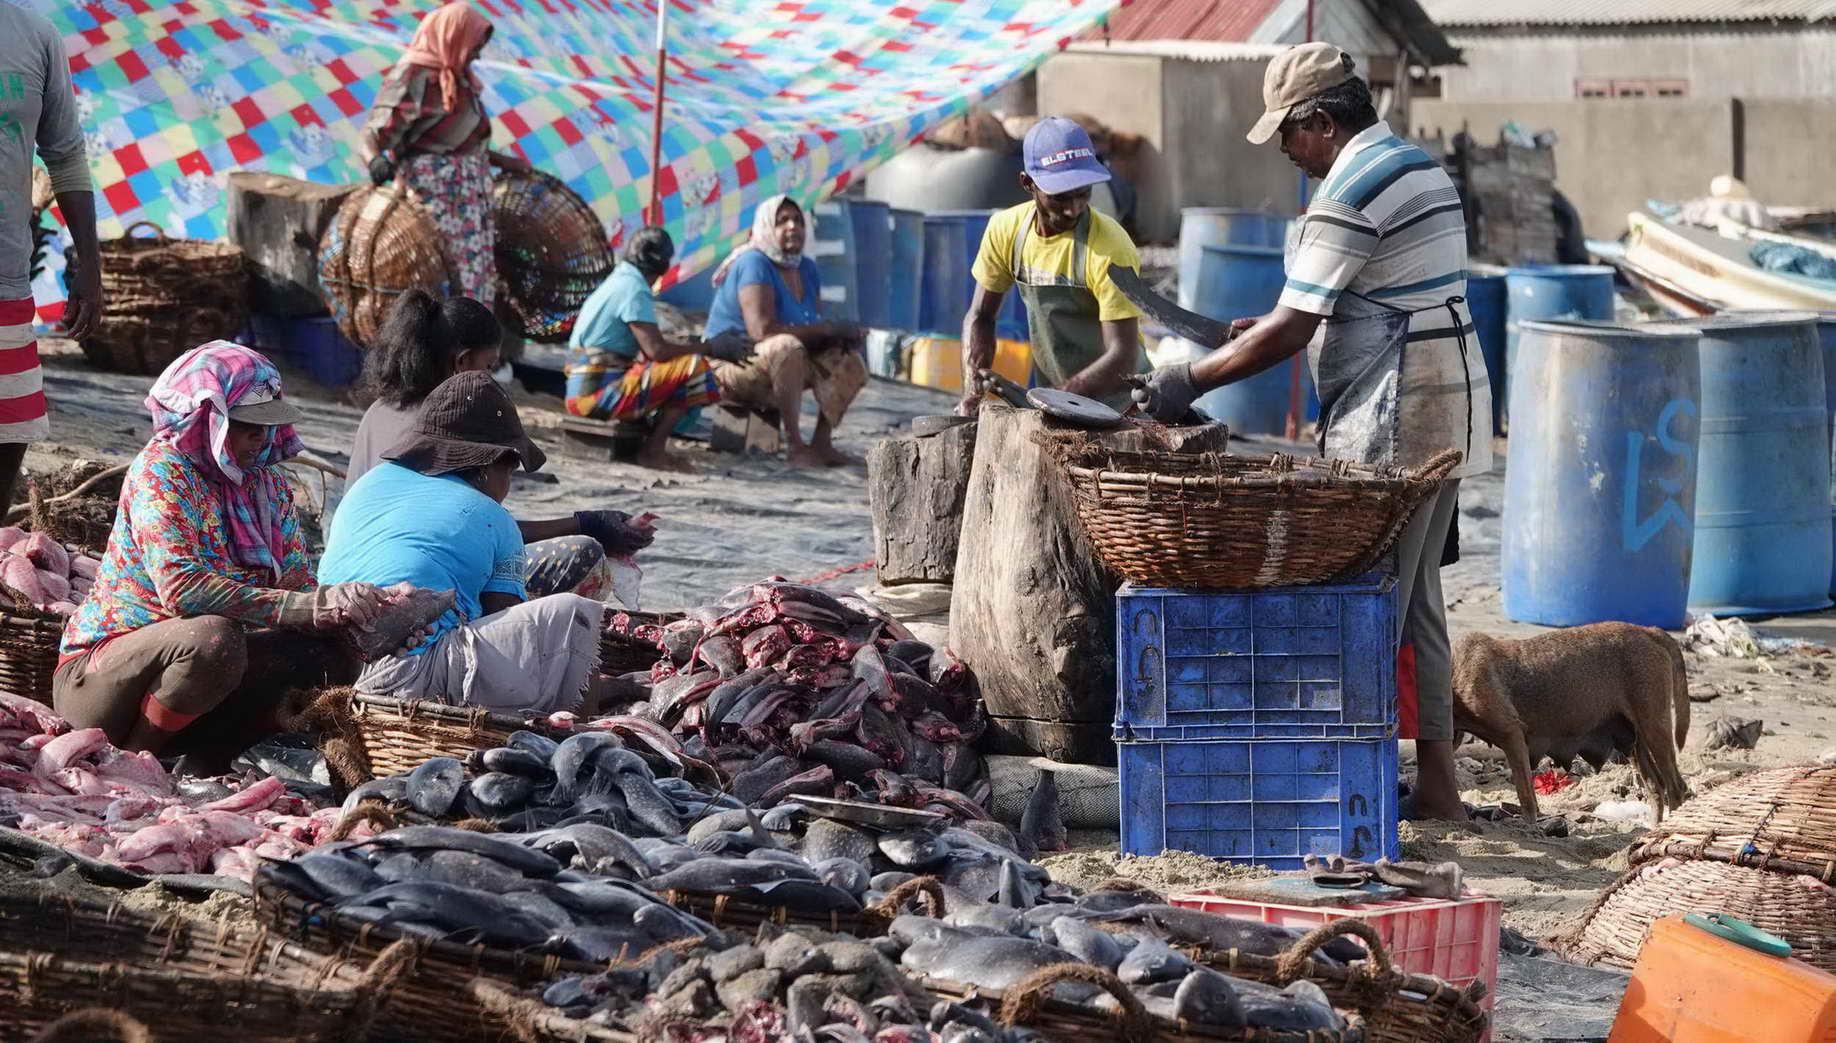 Kein klassisches Sightseeing, sondern echtes Leben: auf dem Fischmarkt in Negombo